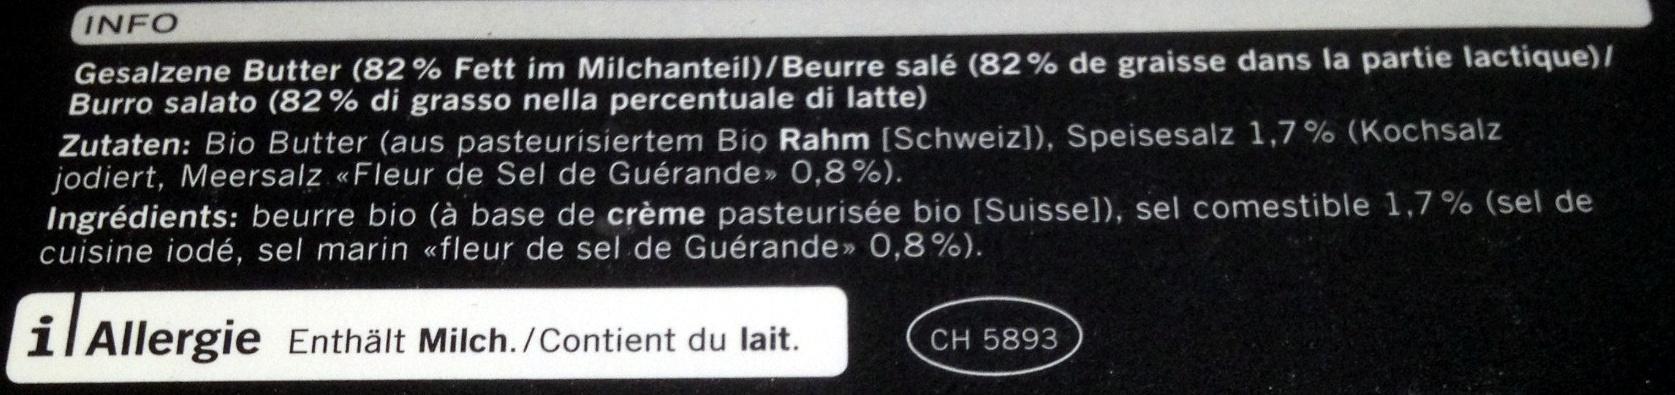 Beurre à la fleur de sel de Guérande - Ingredienti - fr